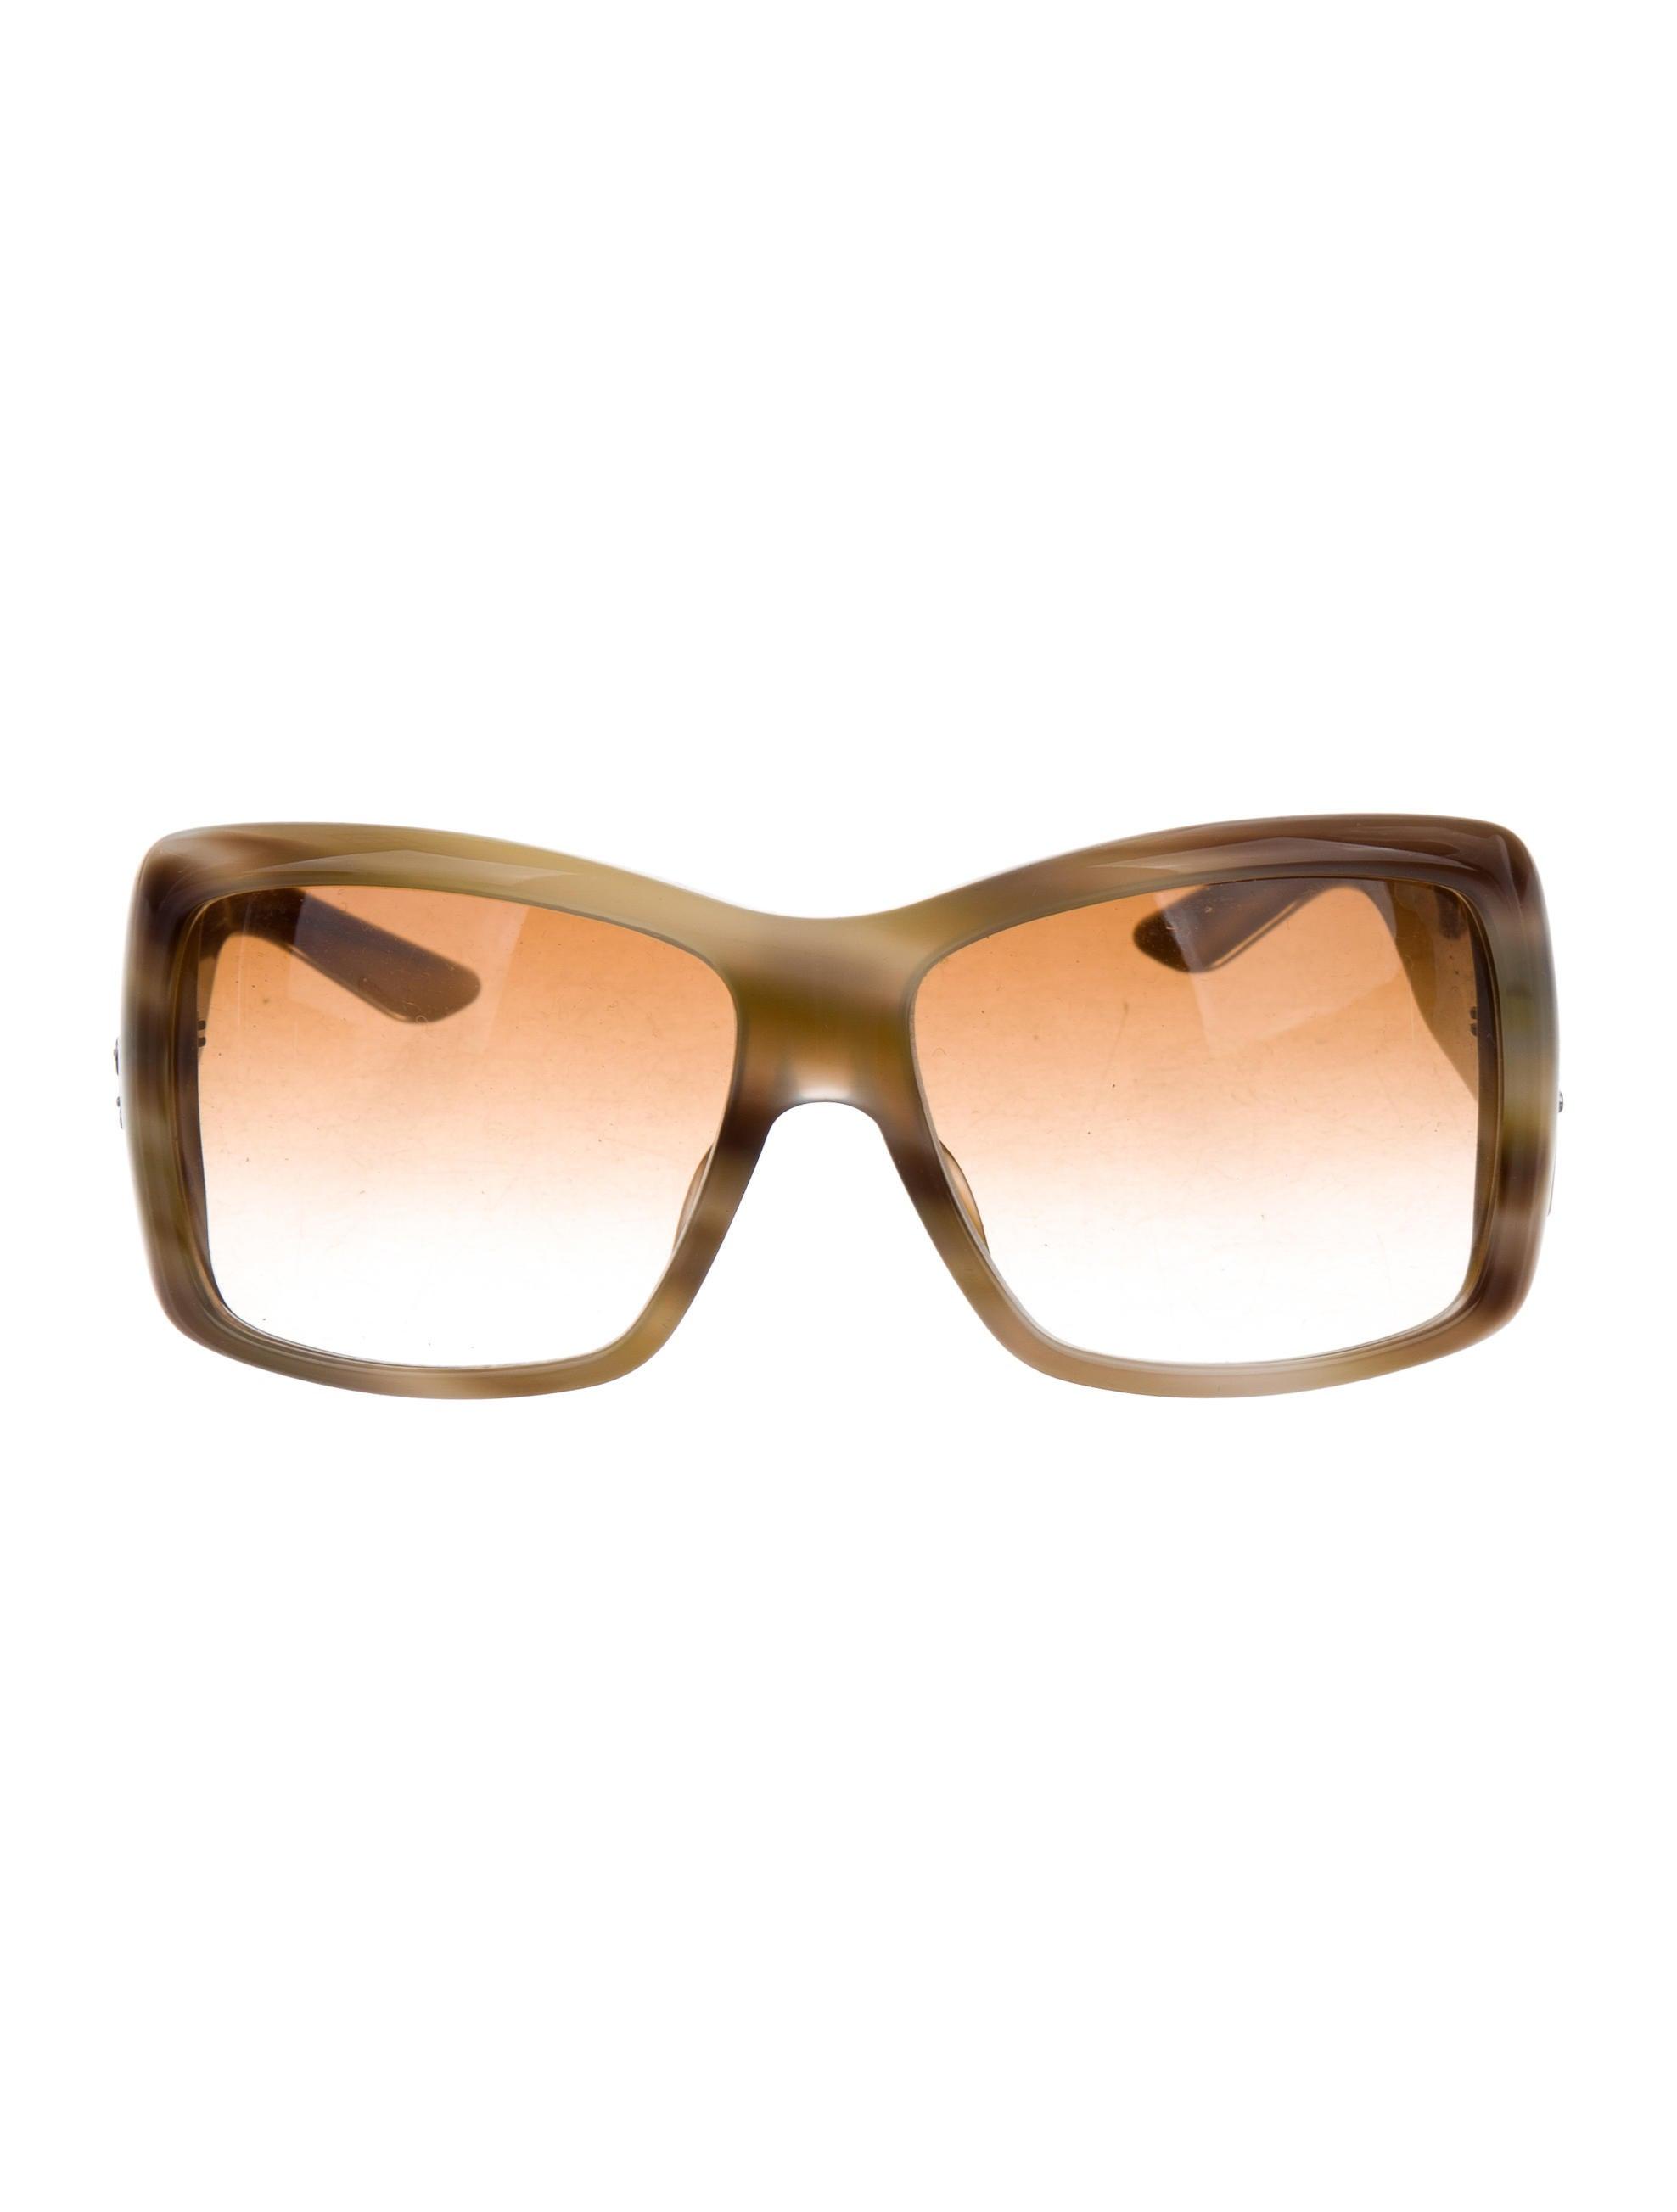 6f84e5a070 Christian Dior Aventura Square Sunglasses - Accessories - CHR65863 ...